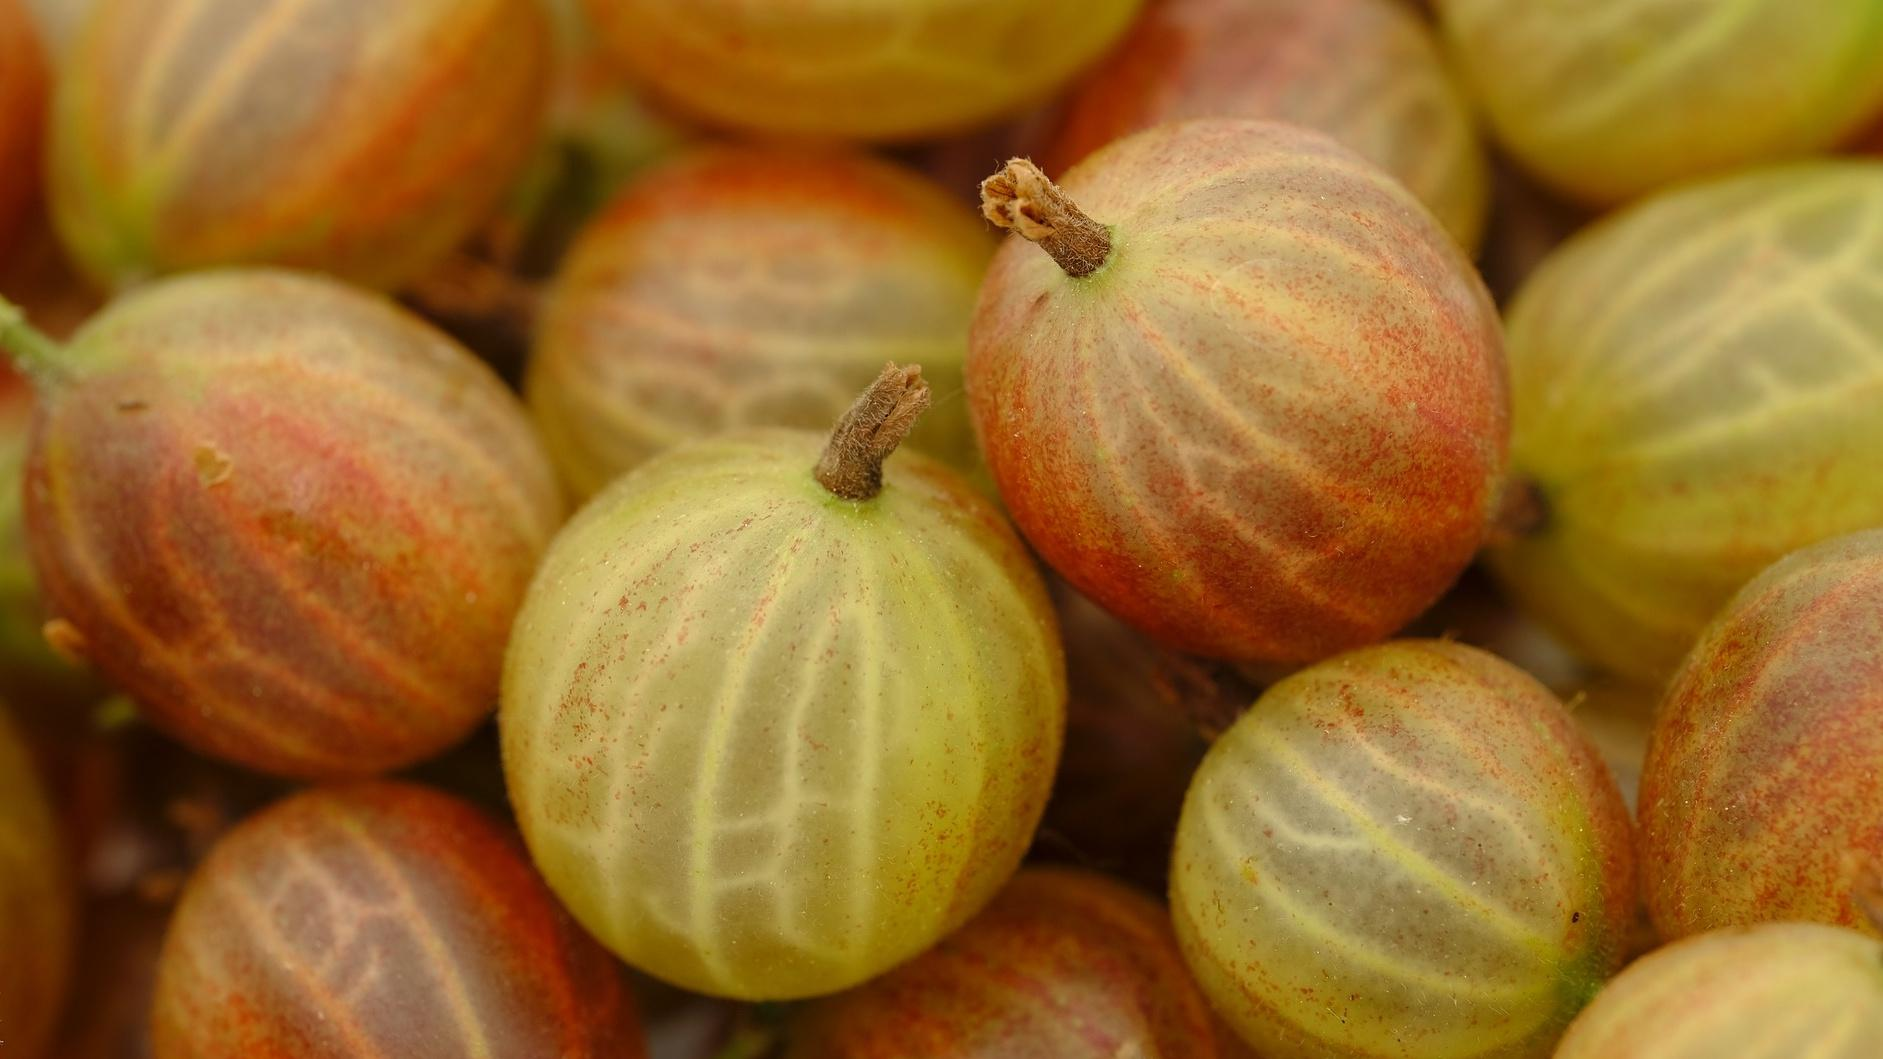 Stachelbeeren pflanzen und pflegen: Die besten Tipps